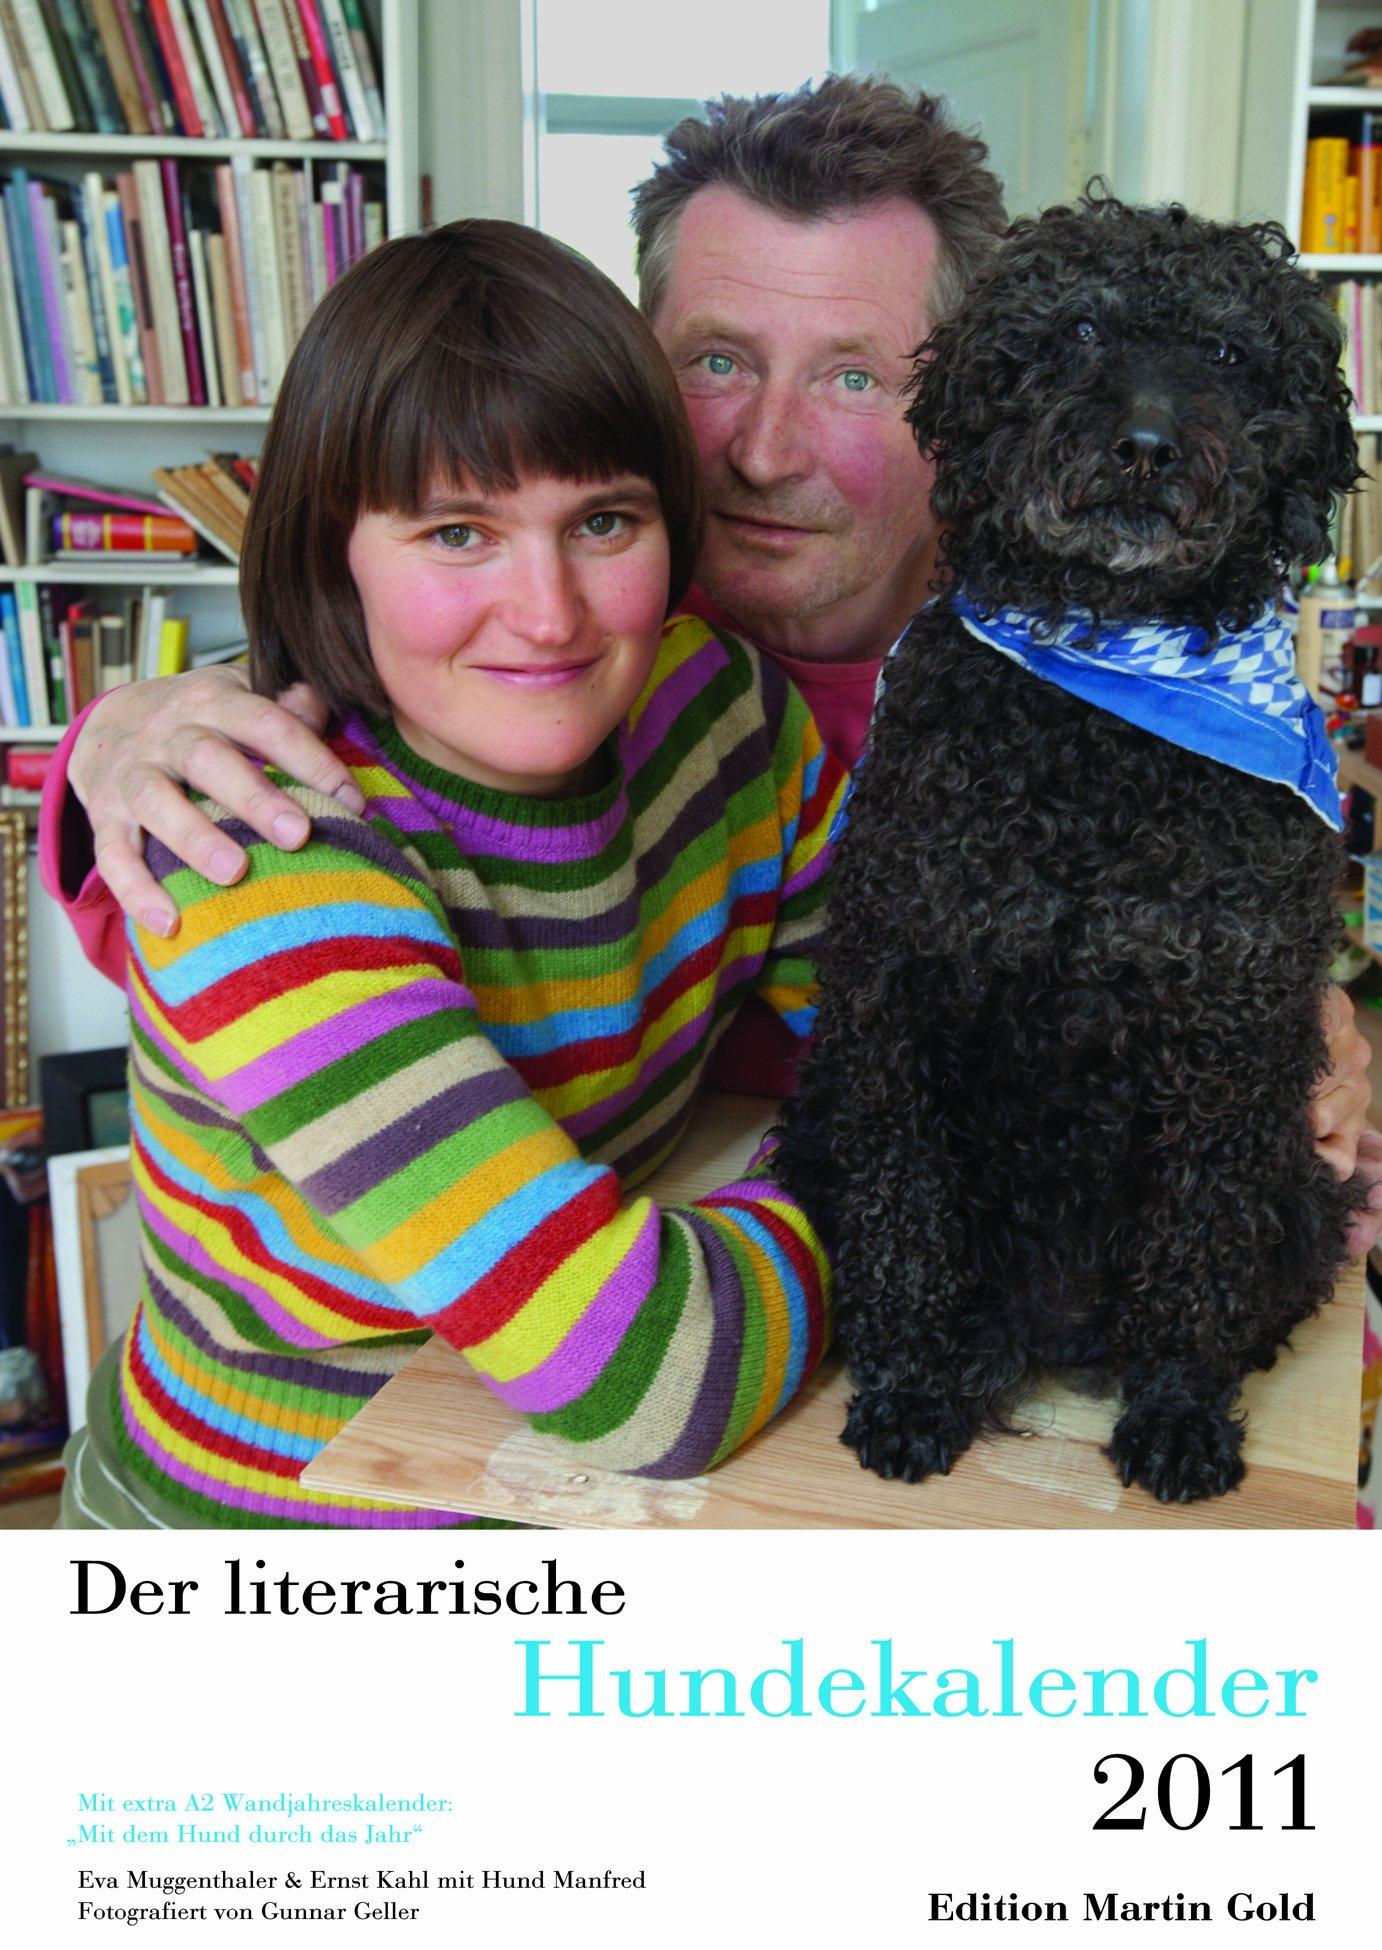 Der literarische Hundekalender 2011: Wochenkalender